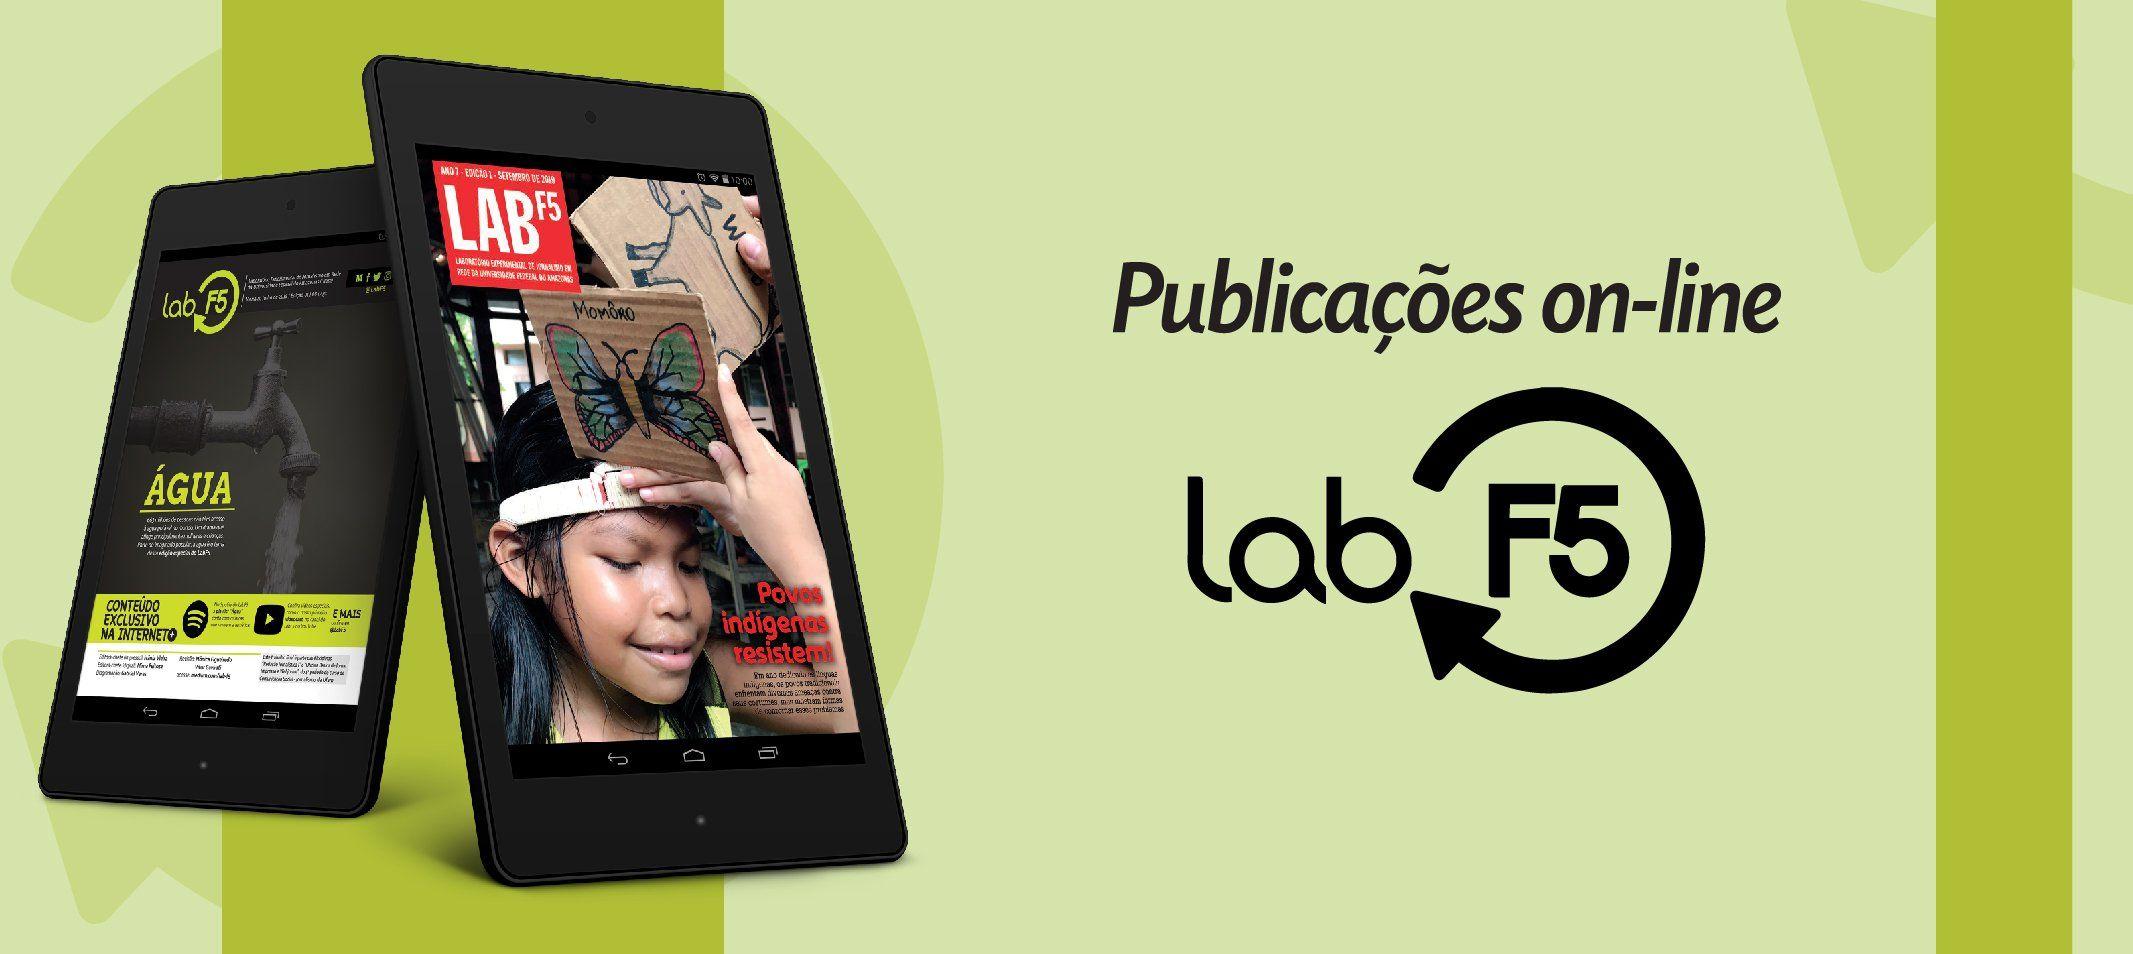 LabF5 - Publicações produzidas pelo 'Laboratório Experimental de Jornalismo em Rede' estão disponíveis online